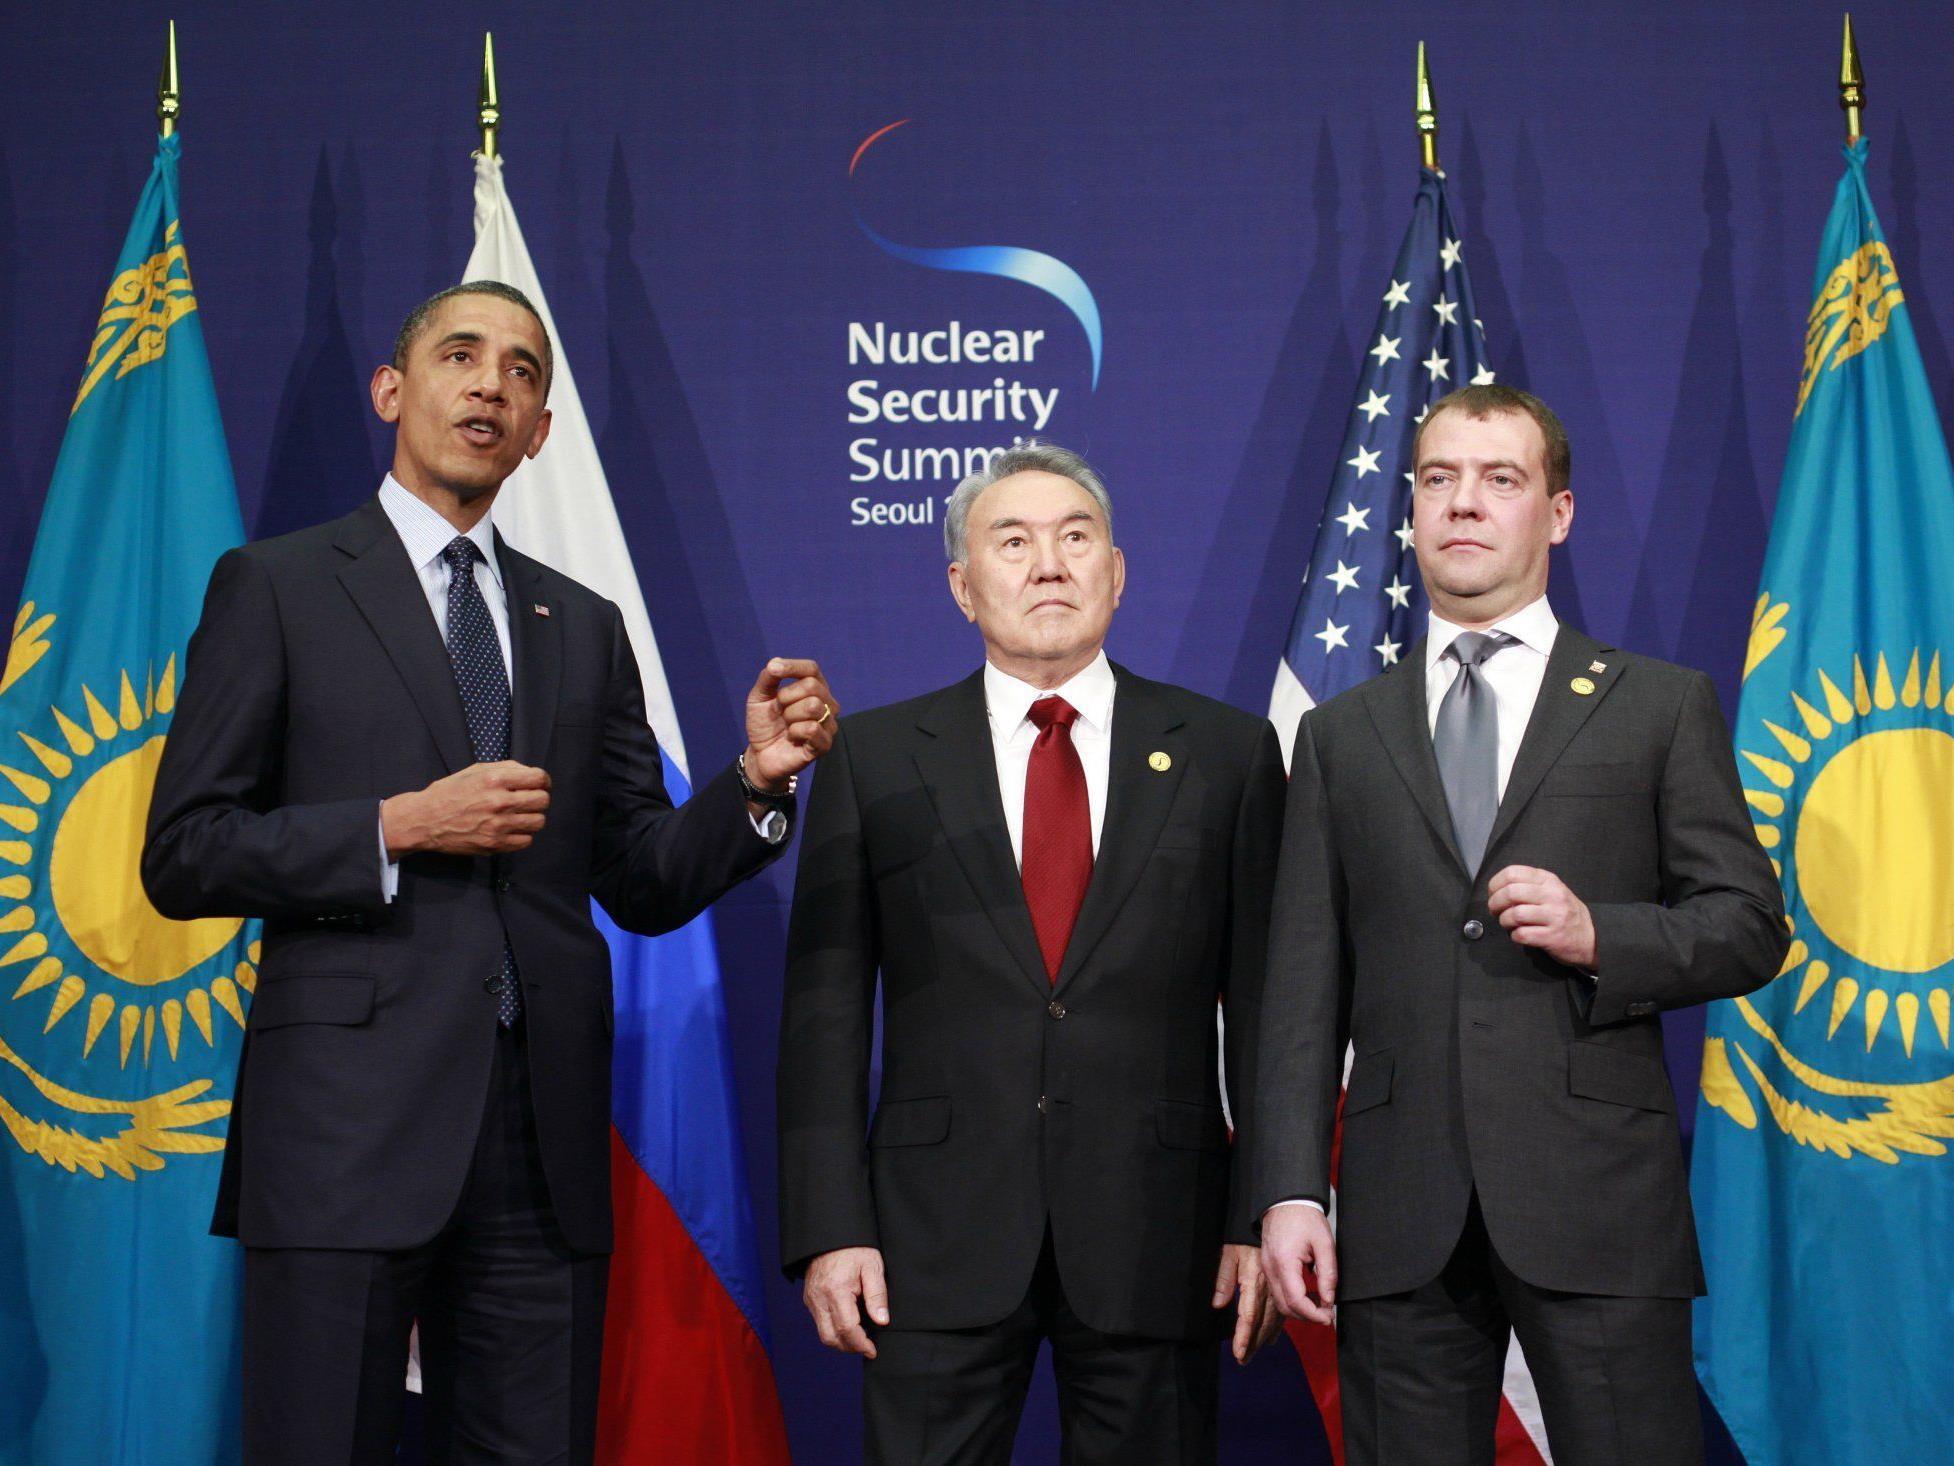 Atomterror: Laut Obama könnten hunderttausende Menschen in Gefahr sein.